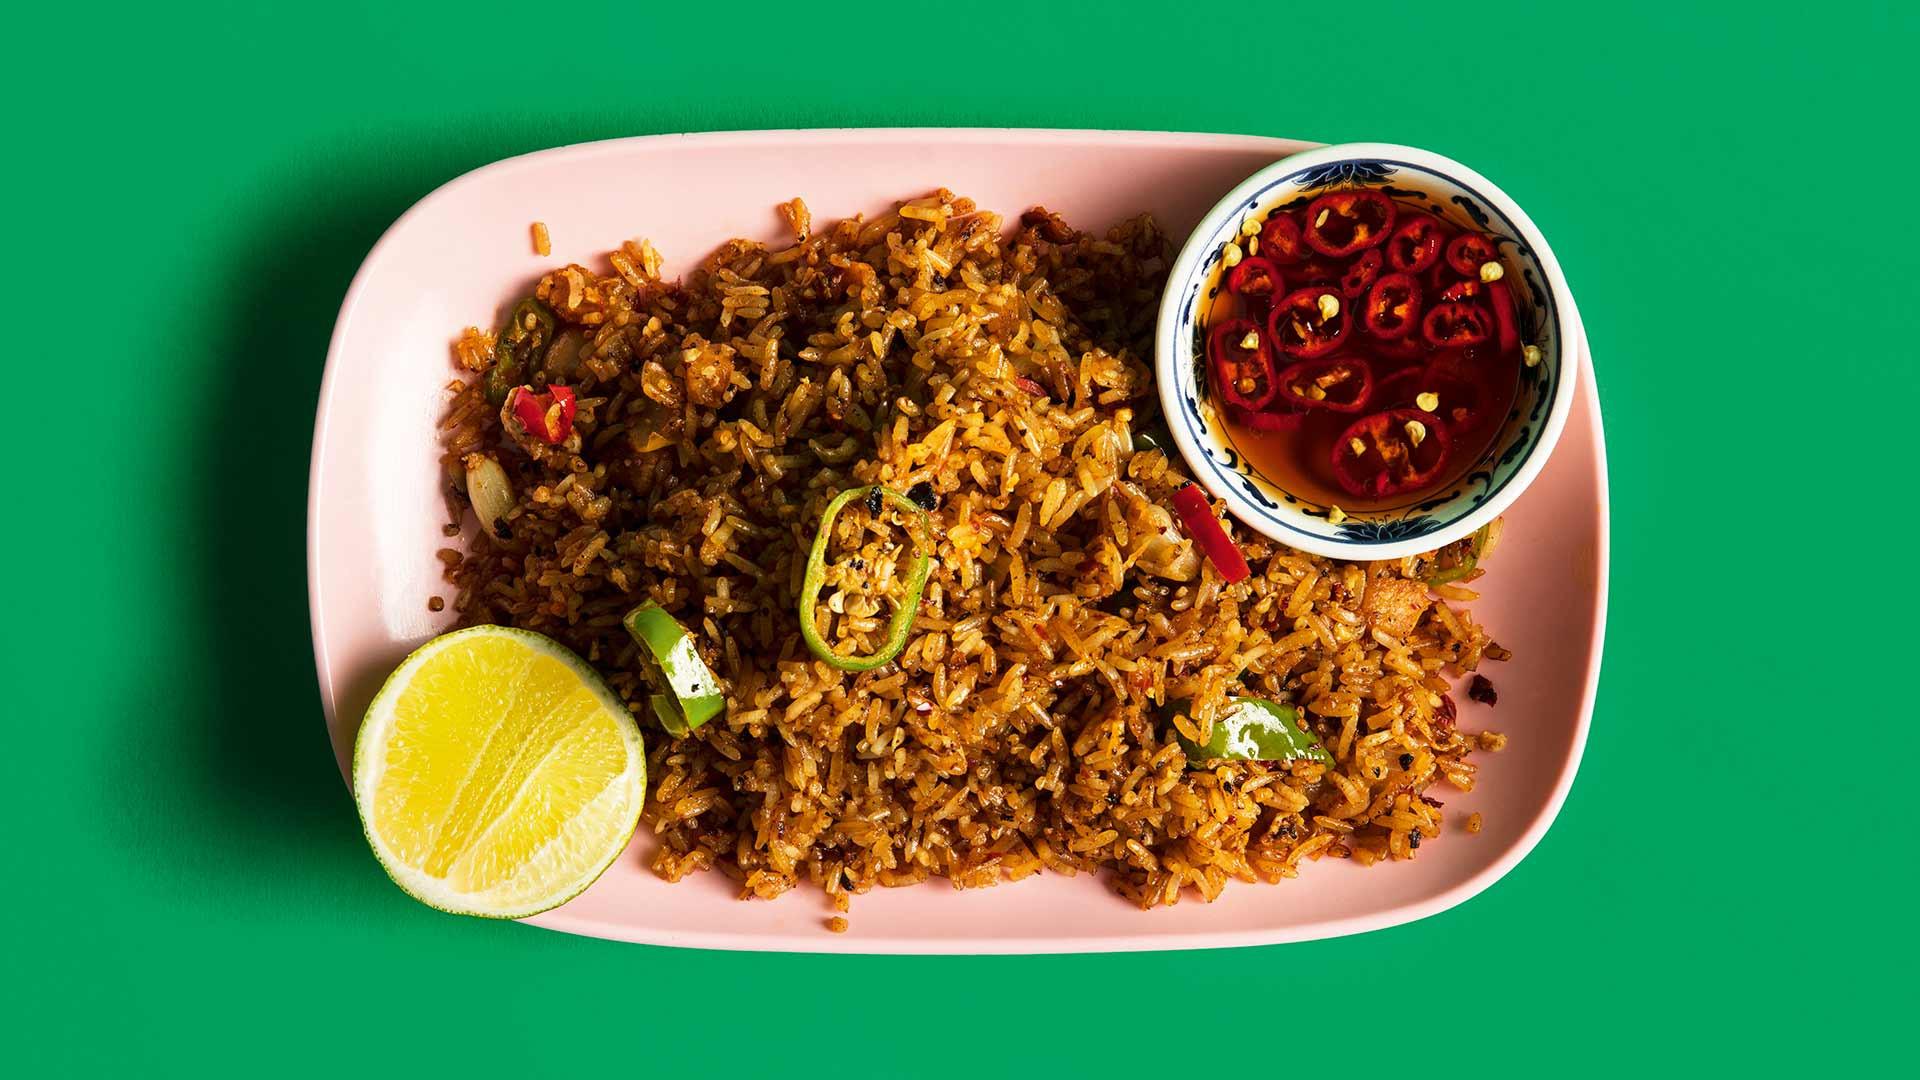 Lardo-fried rice from Kiln